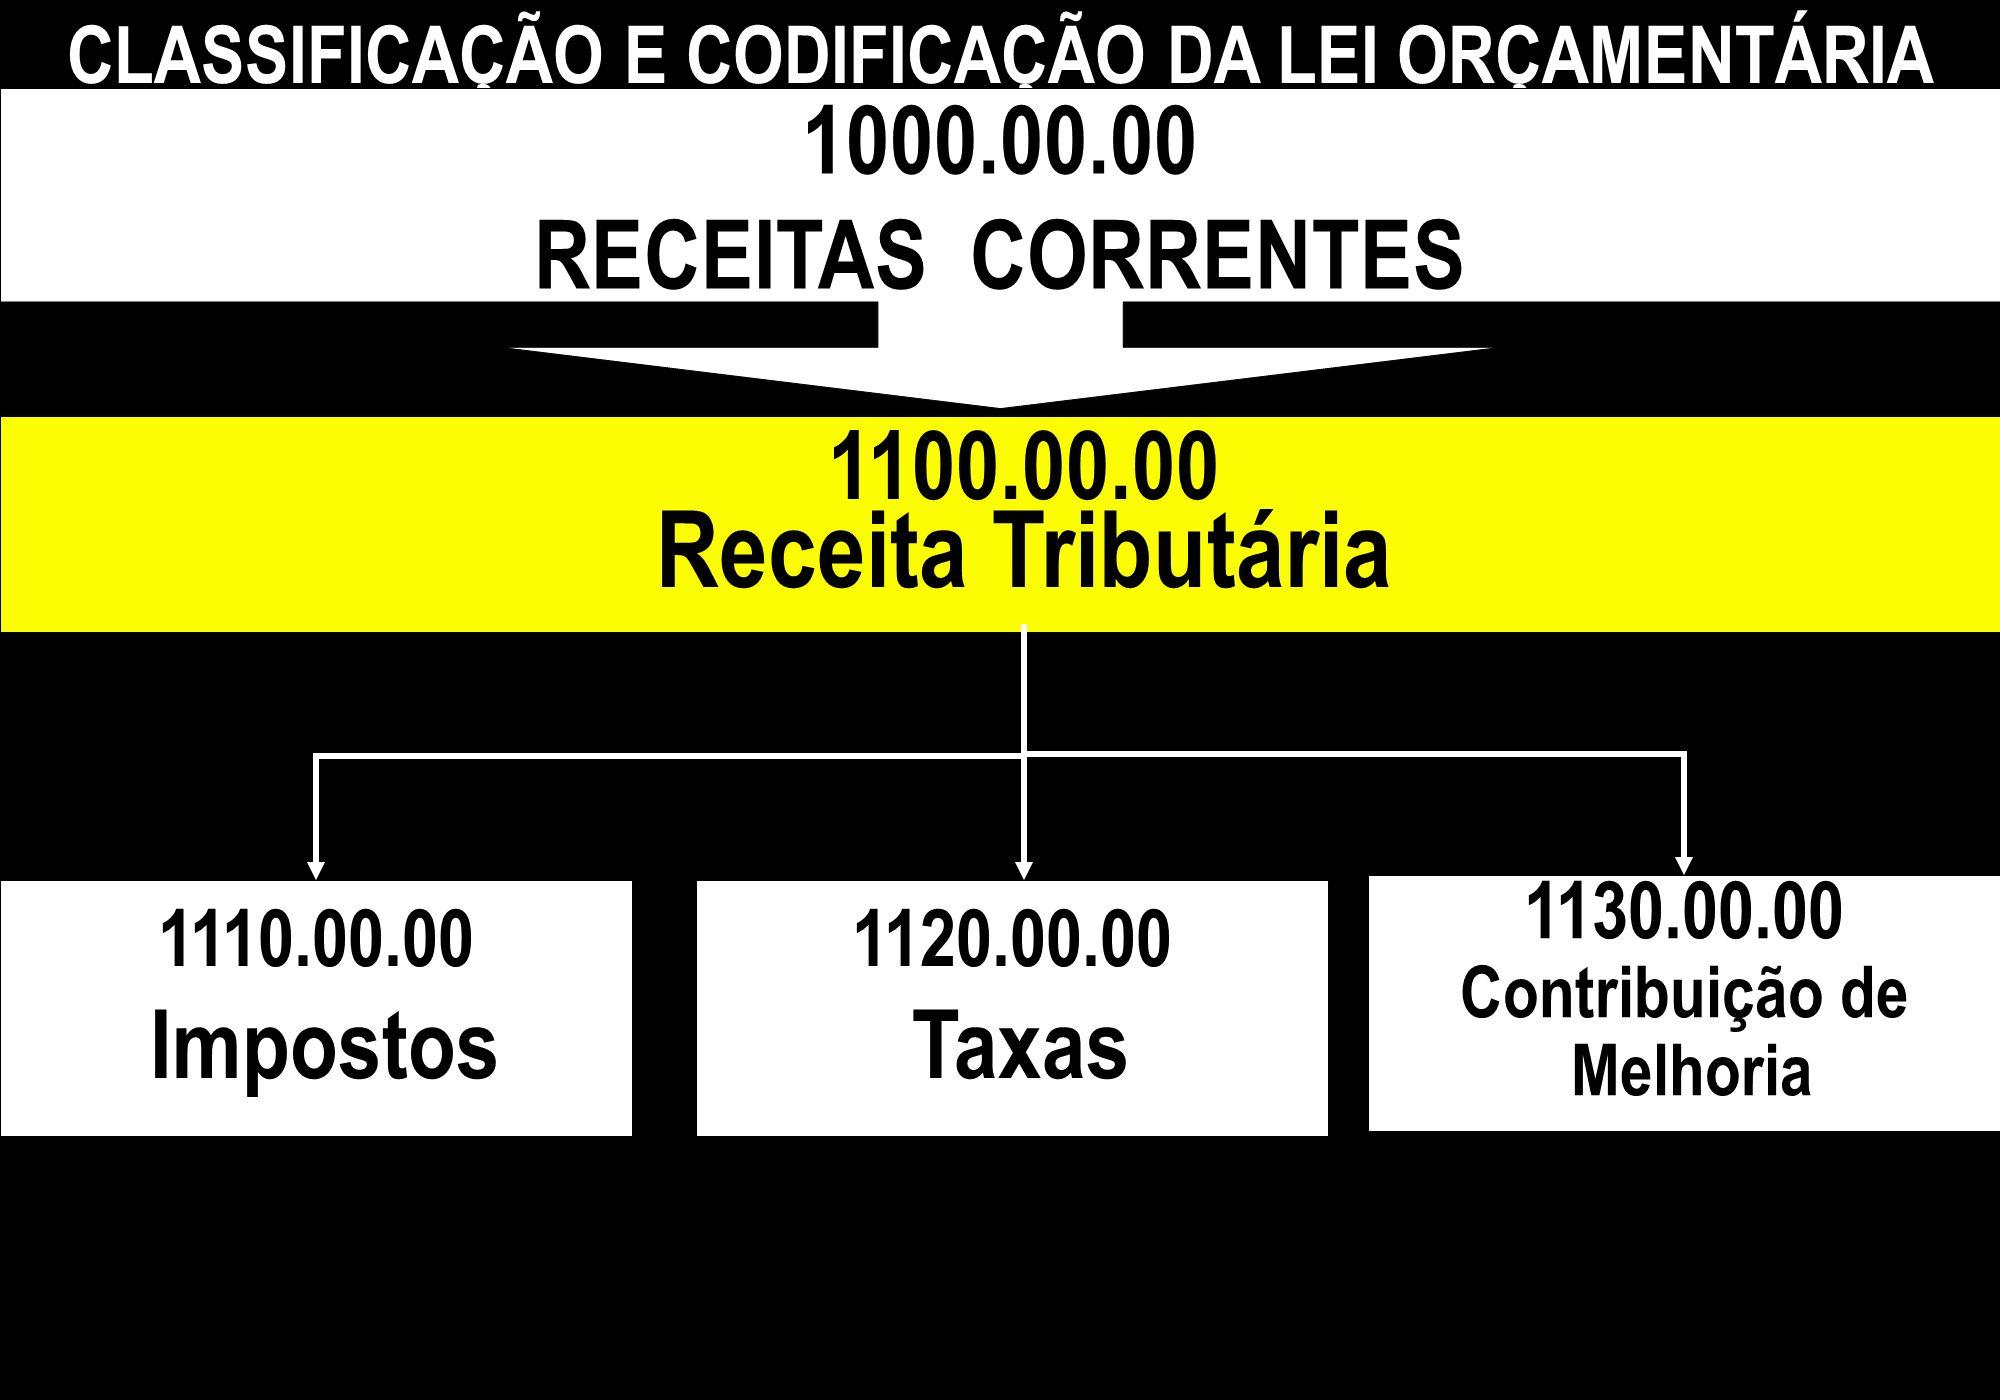 1100.00.00 Receita Tributária CLASSIFICAÇÃO E CODIFICAÇÃO DA LEI ORÇAMENTÁRIA 1110.00.00 Impostos 1120.00.00 Taxas 1130.00.00 Contribuição de Melhoria